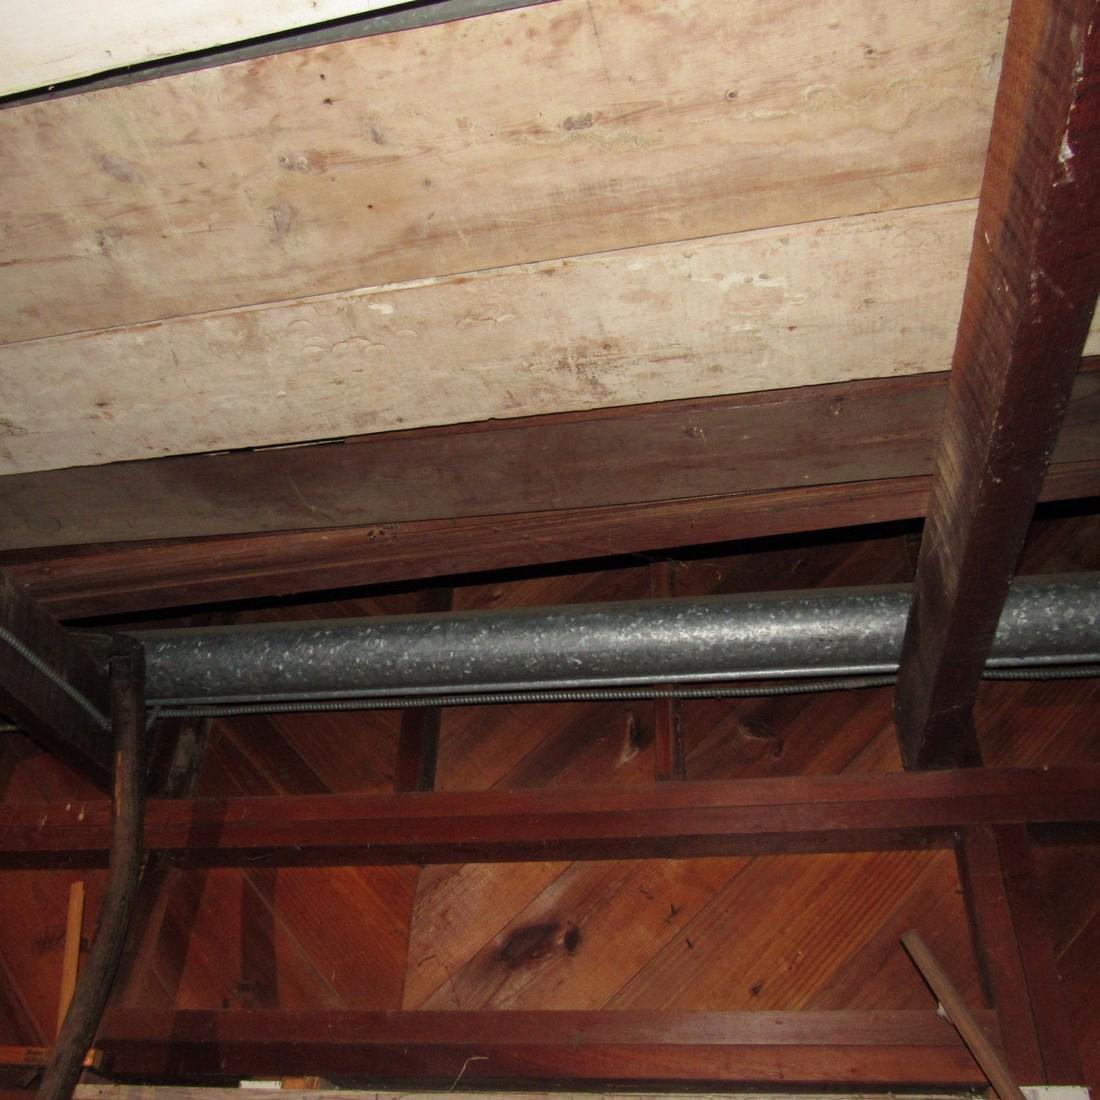 Contents of Top of Garage Mower Wood Door - 4